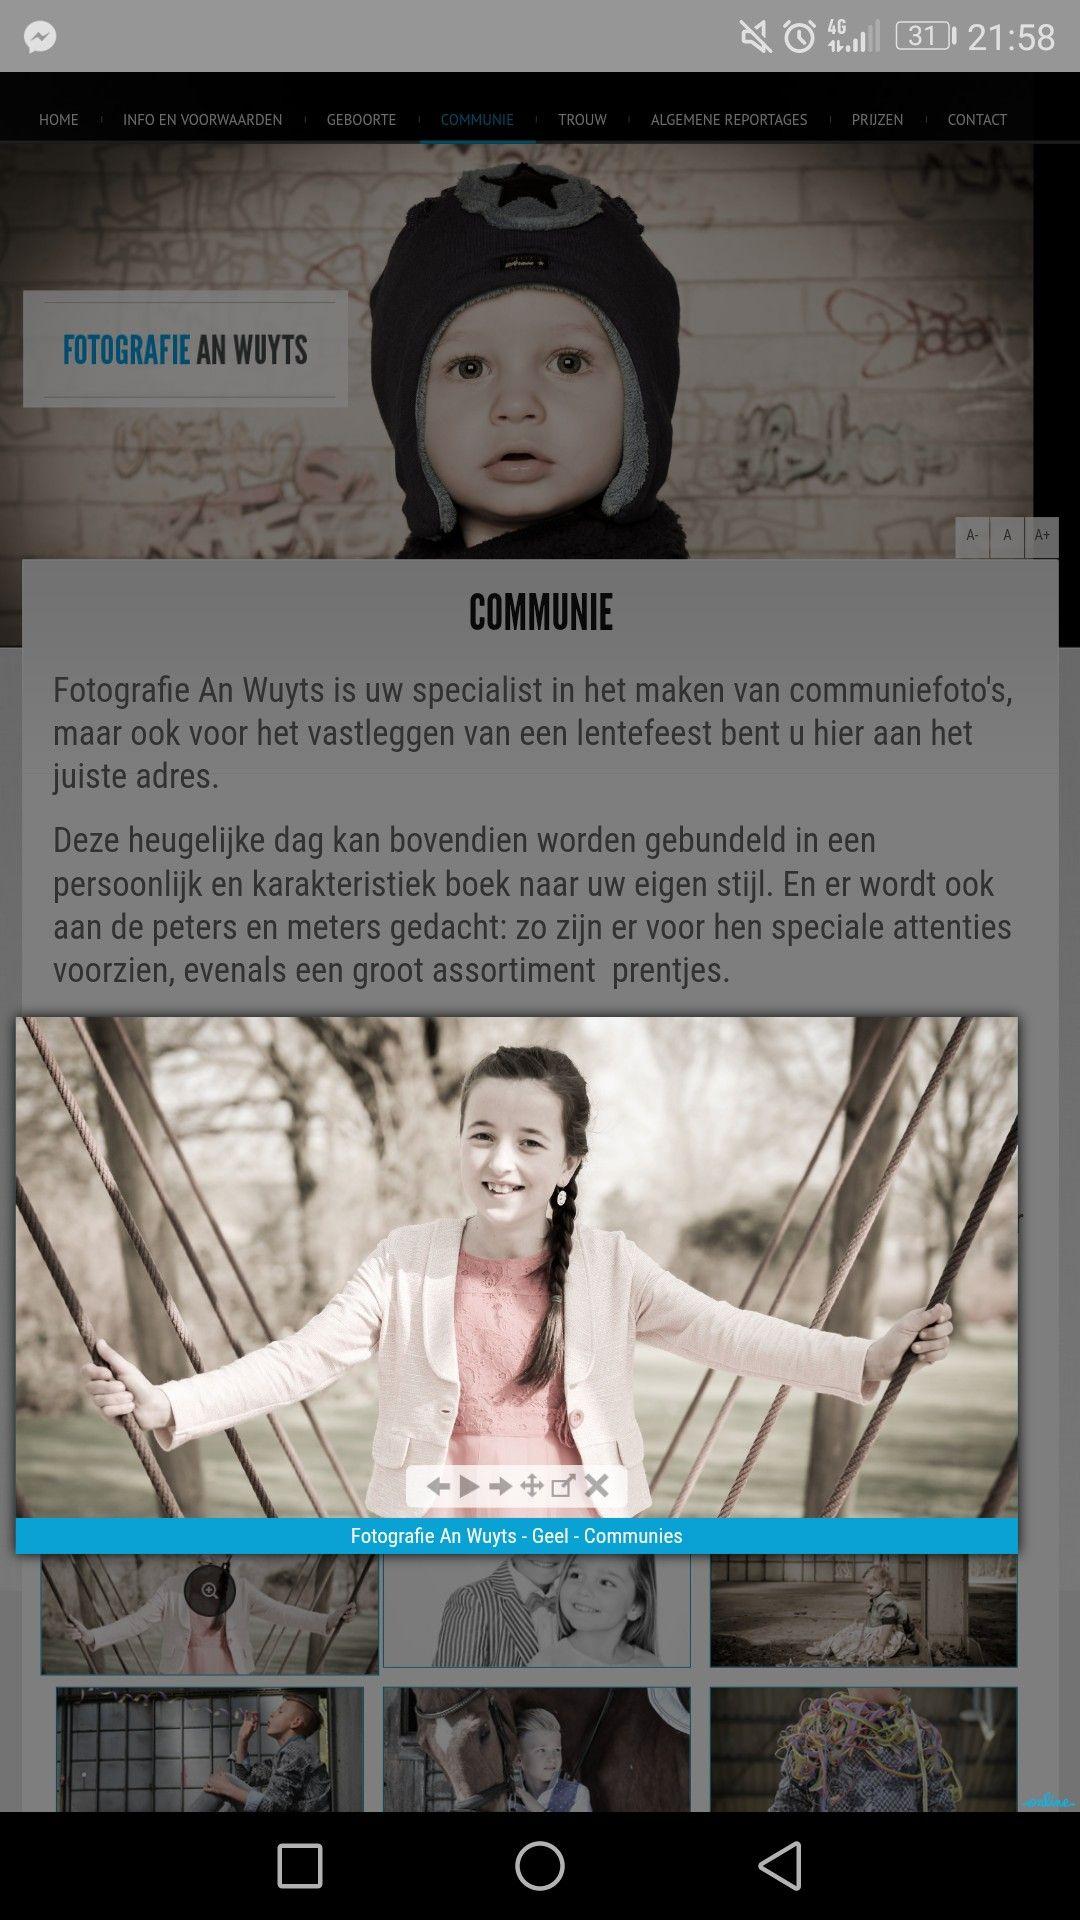 Pin van Petra Vandenbergh op kinderen, communie